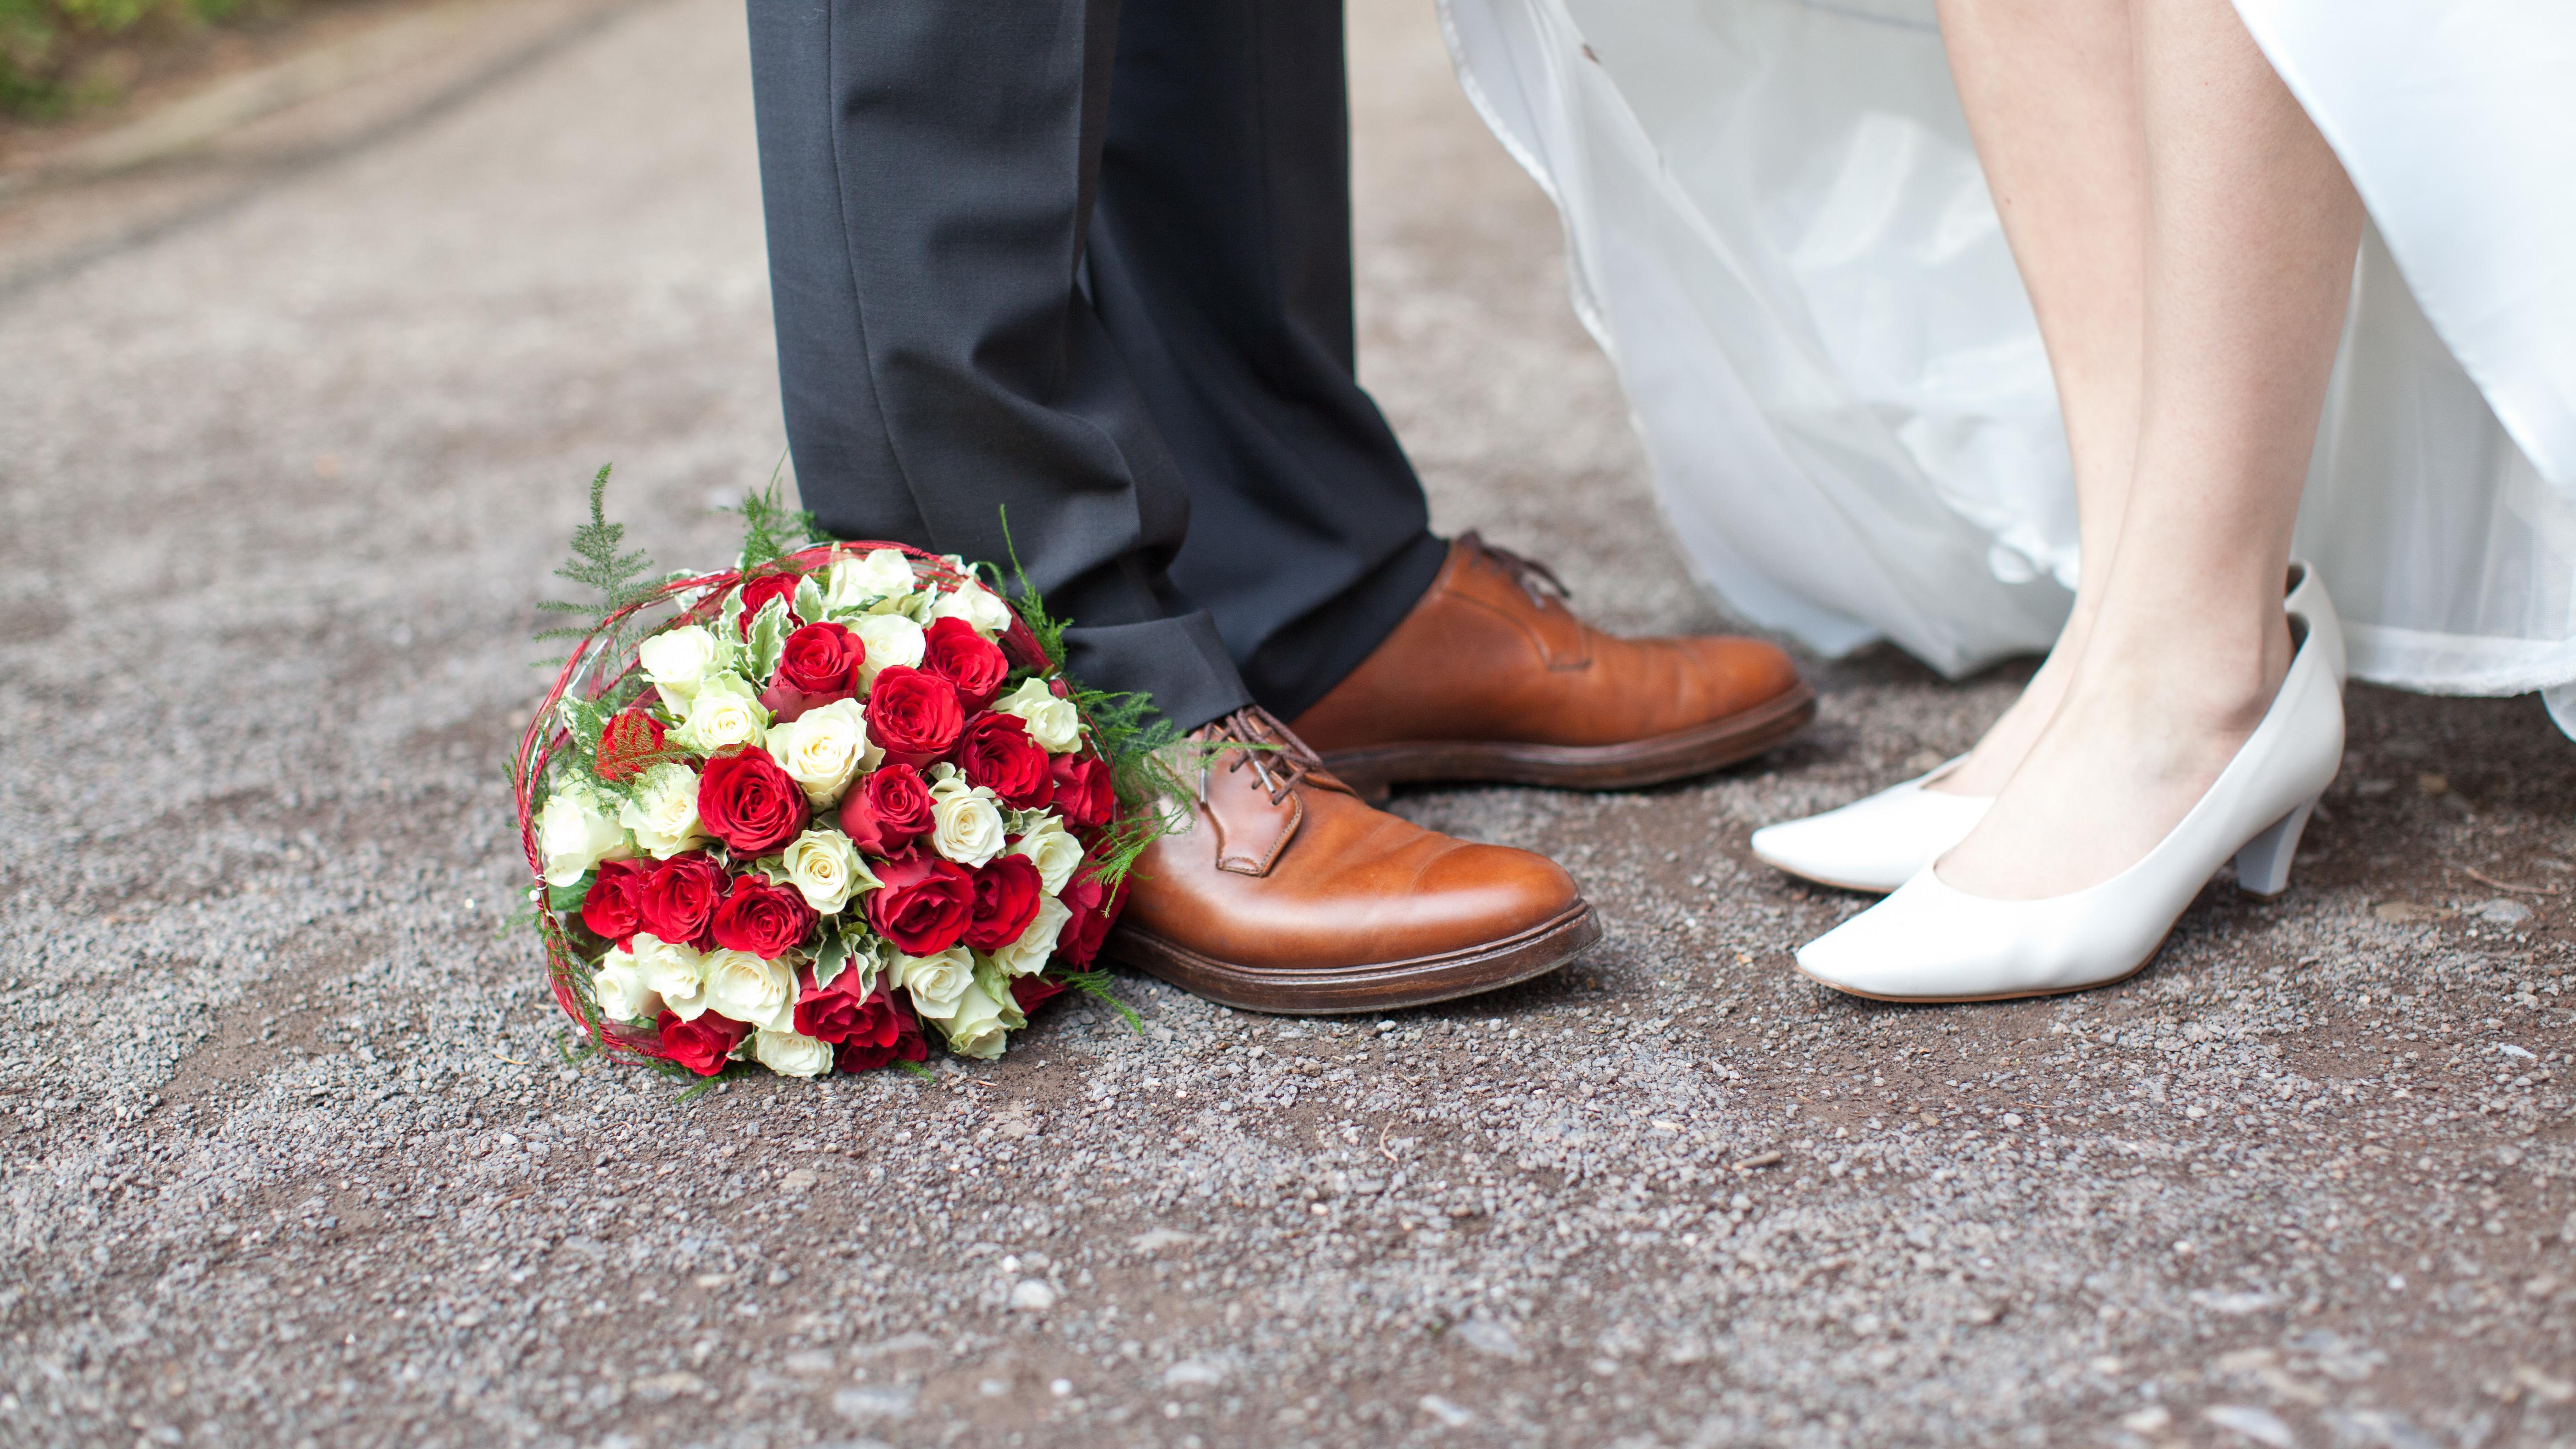 Russische Hochzeit: Was Sie erwartet und was Sie als Gast wissen sollten